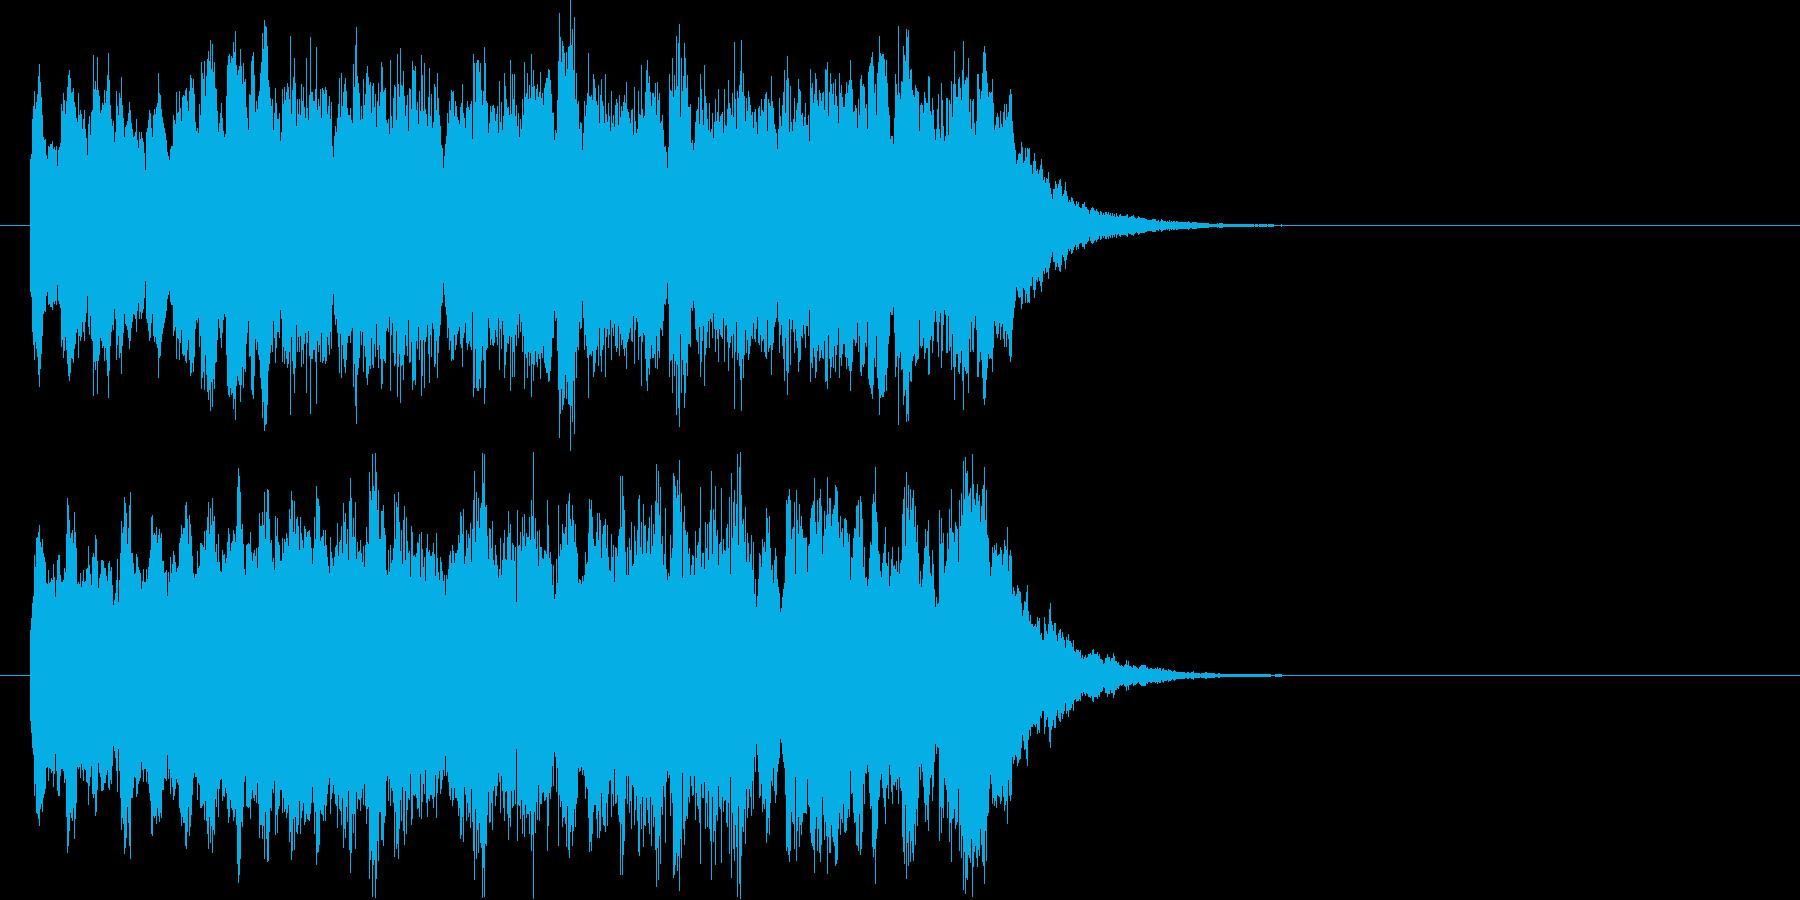 駅の発車メロディのイメージの再生済みの波形